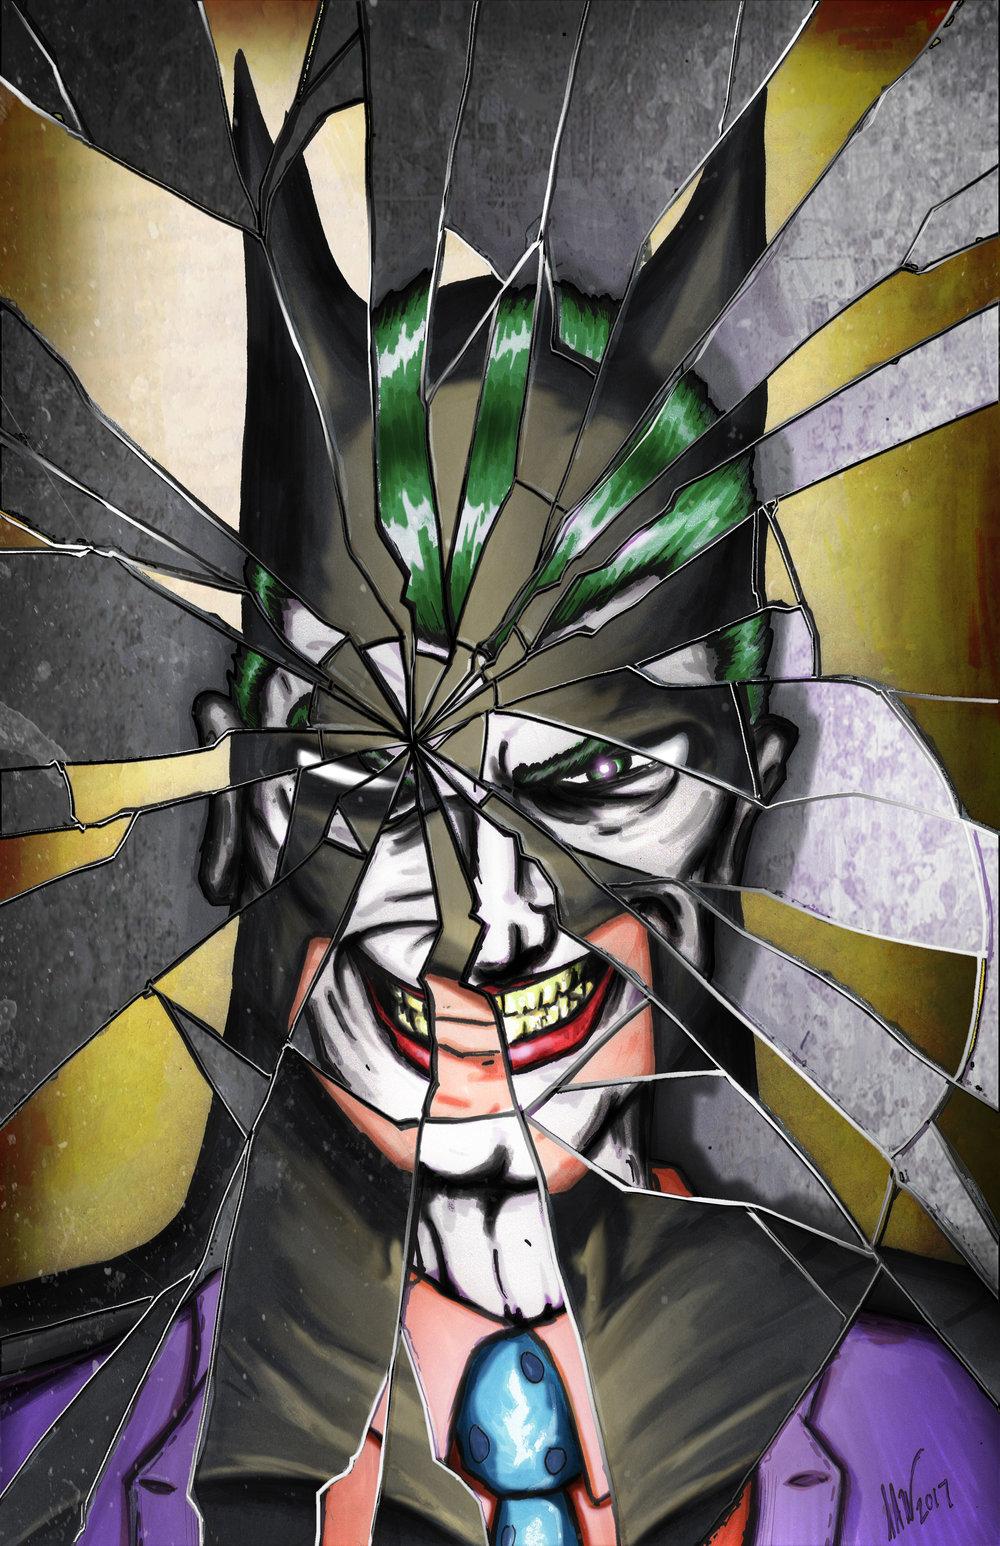 Batman-Joker-Mirror-Mirror 11x17.jpg